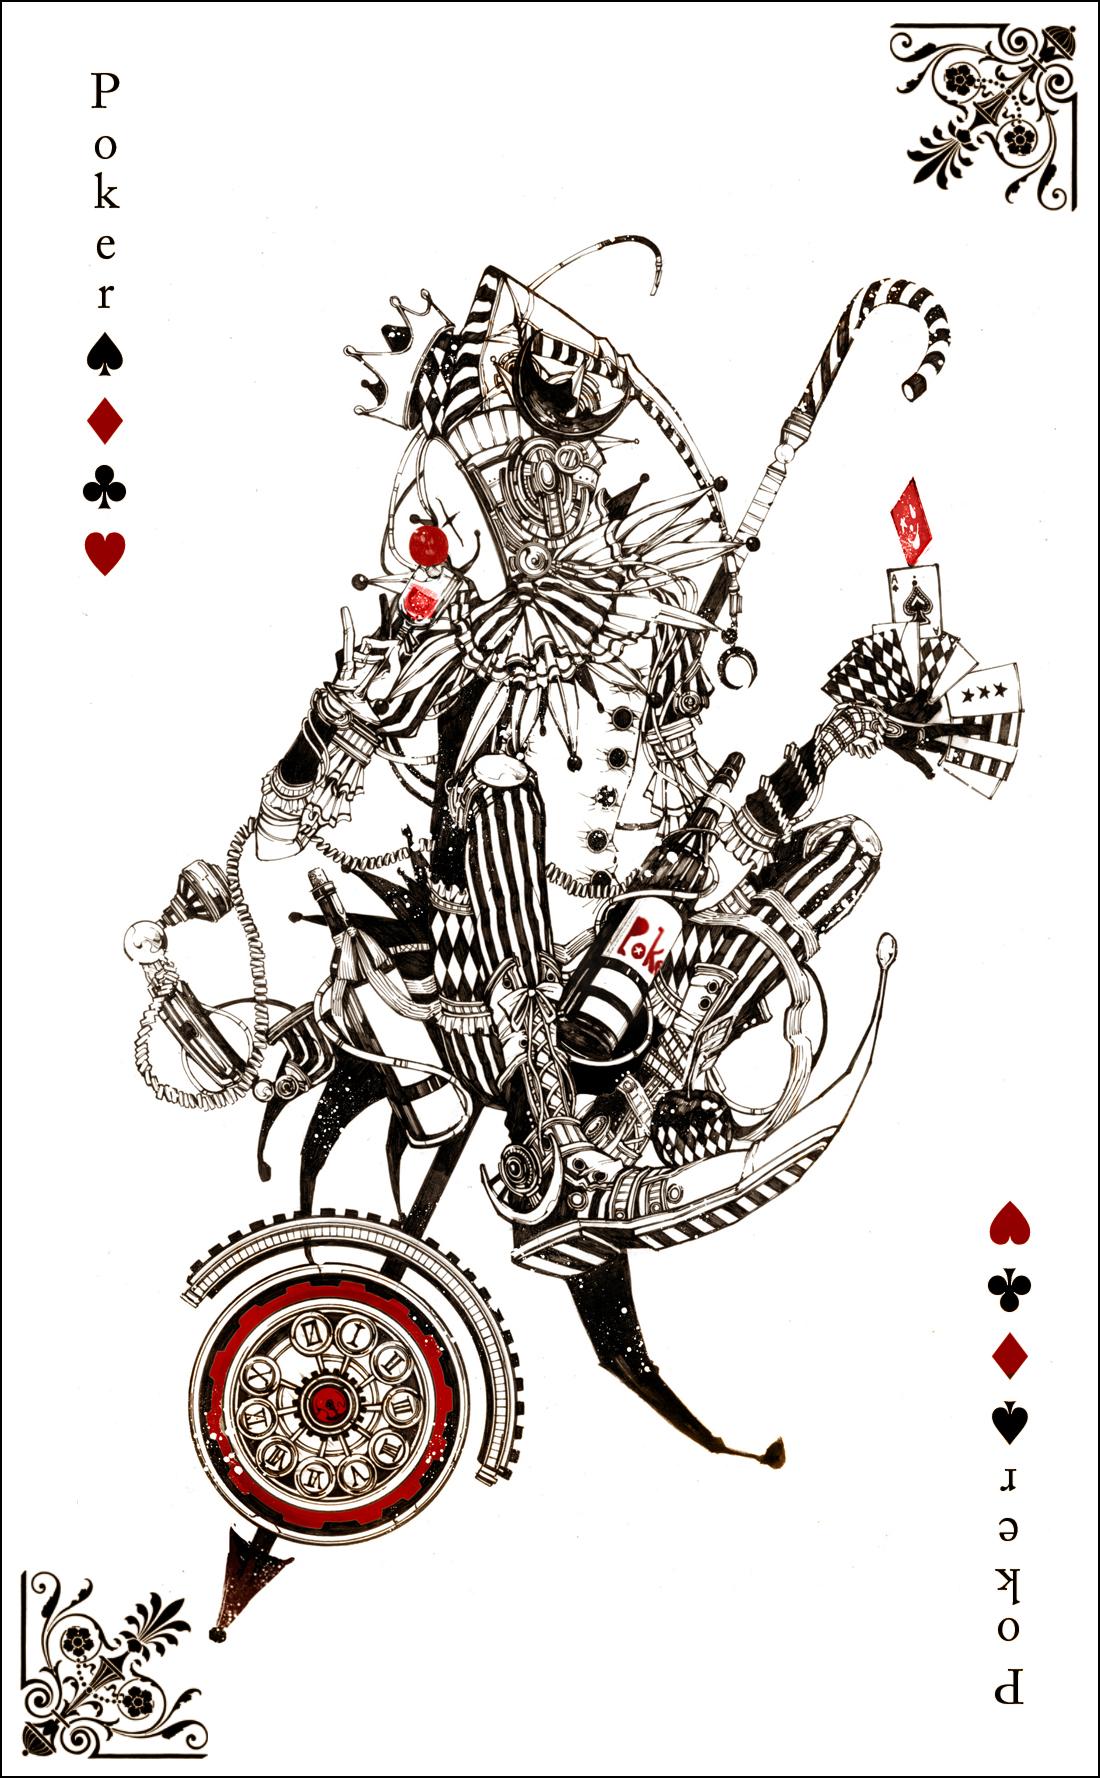 Joker Card - Card (Object) - Zerochan Anime Image Board